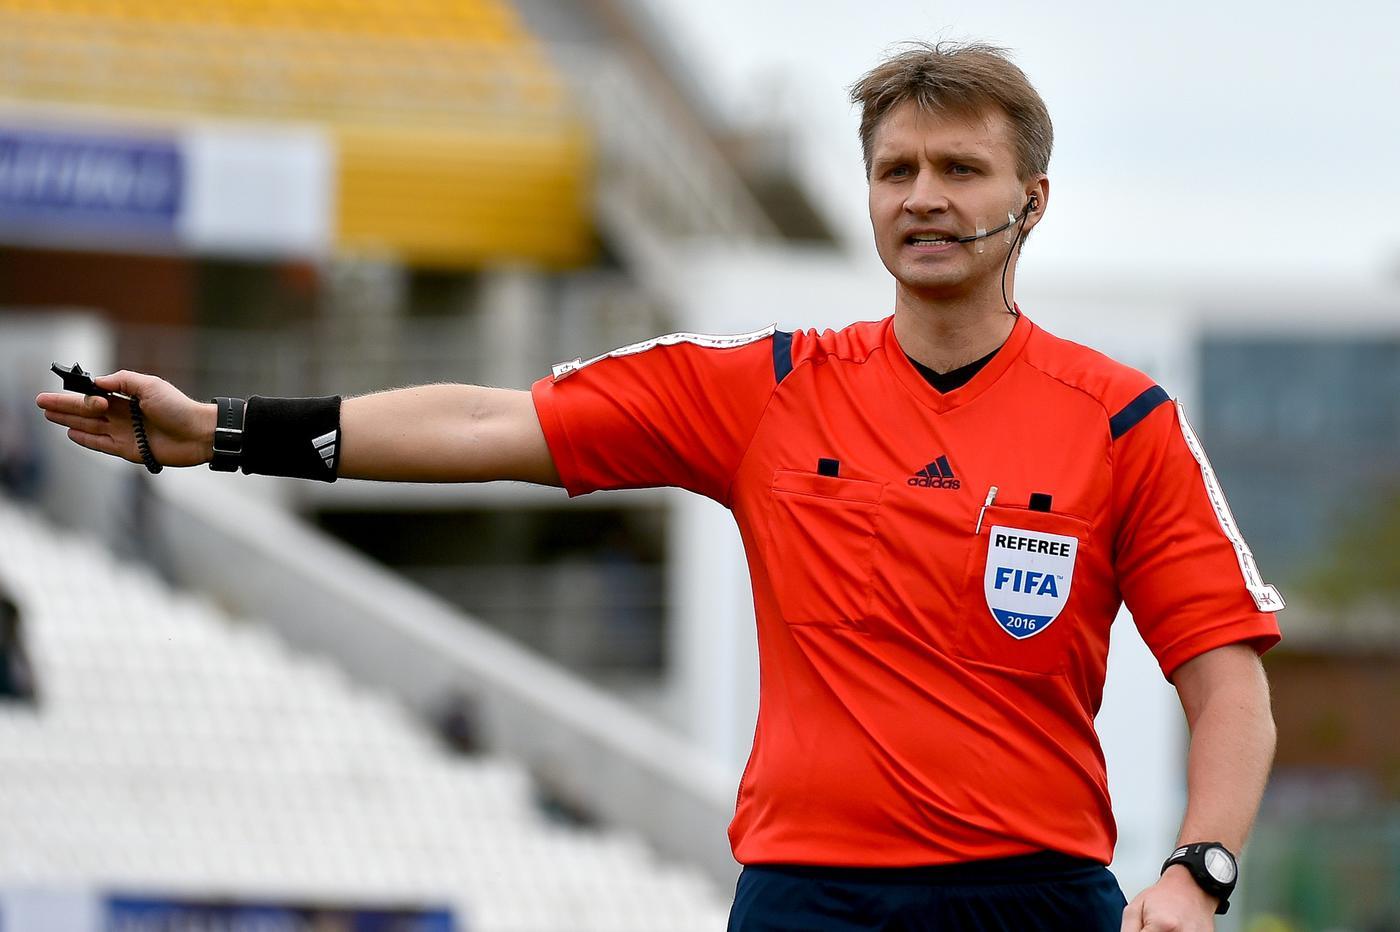 УЕФА отстранил арбитра РПЛ Лапочкина на 10 лет - фото